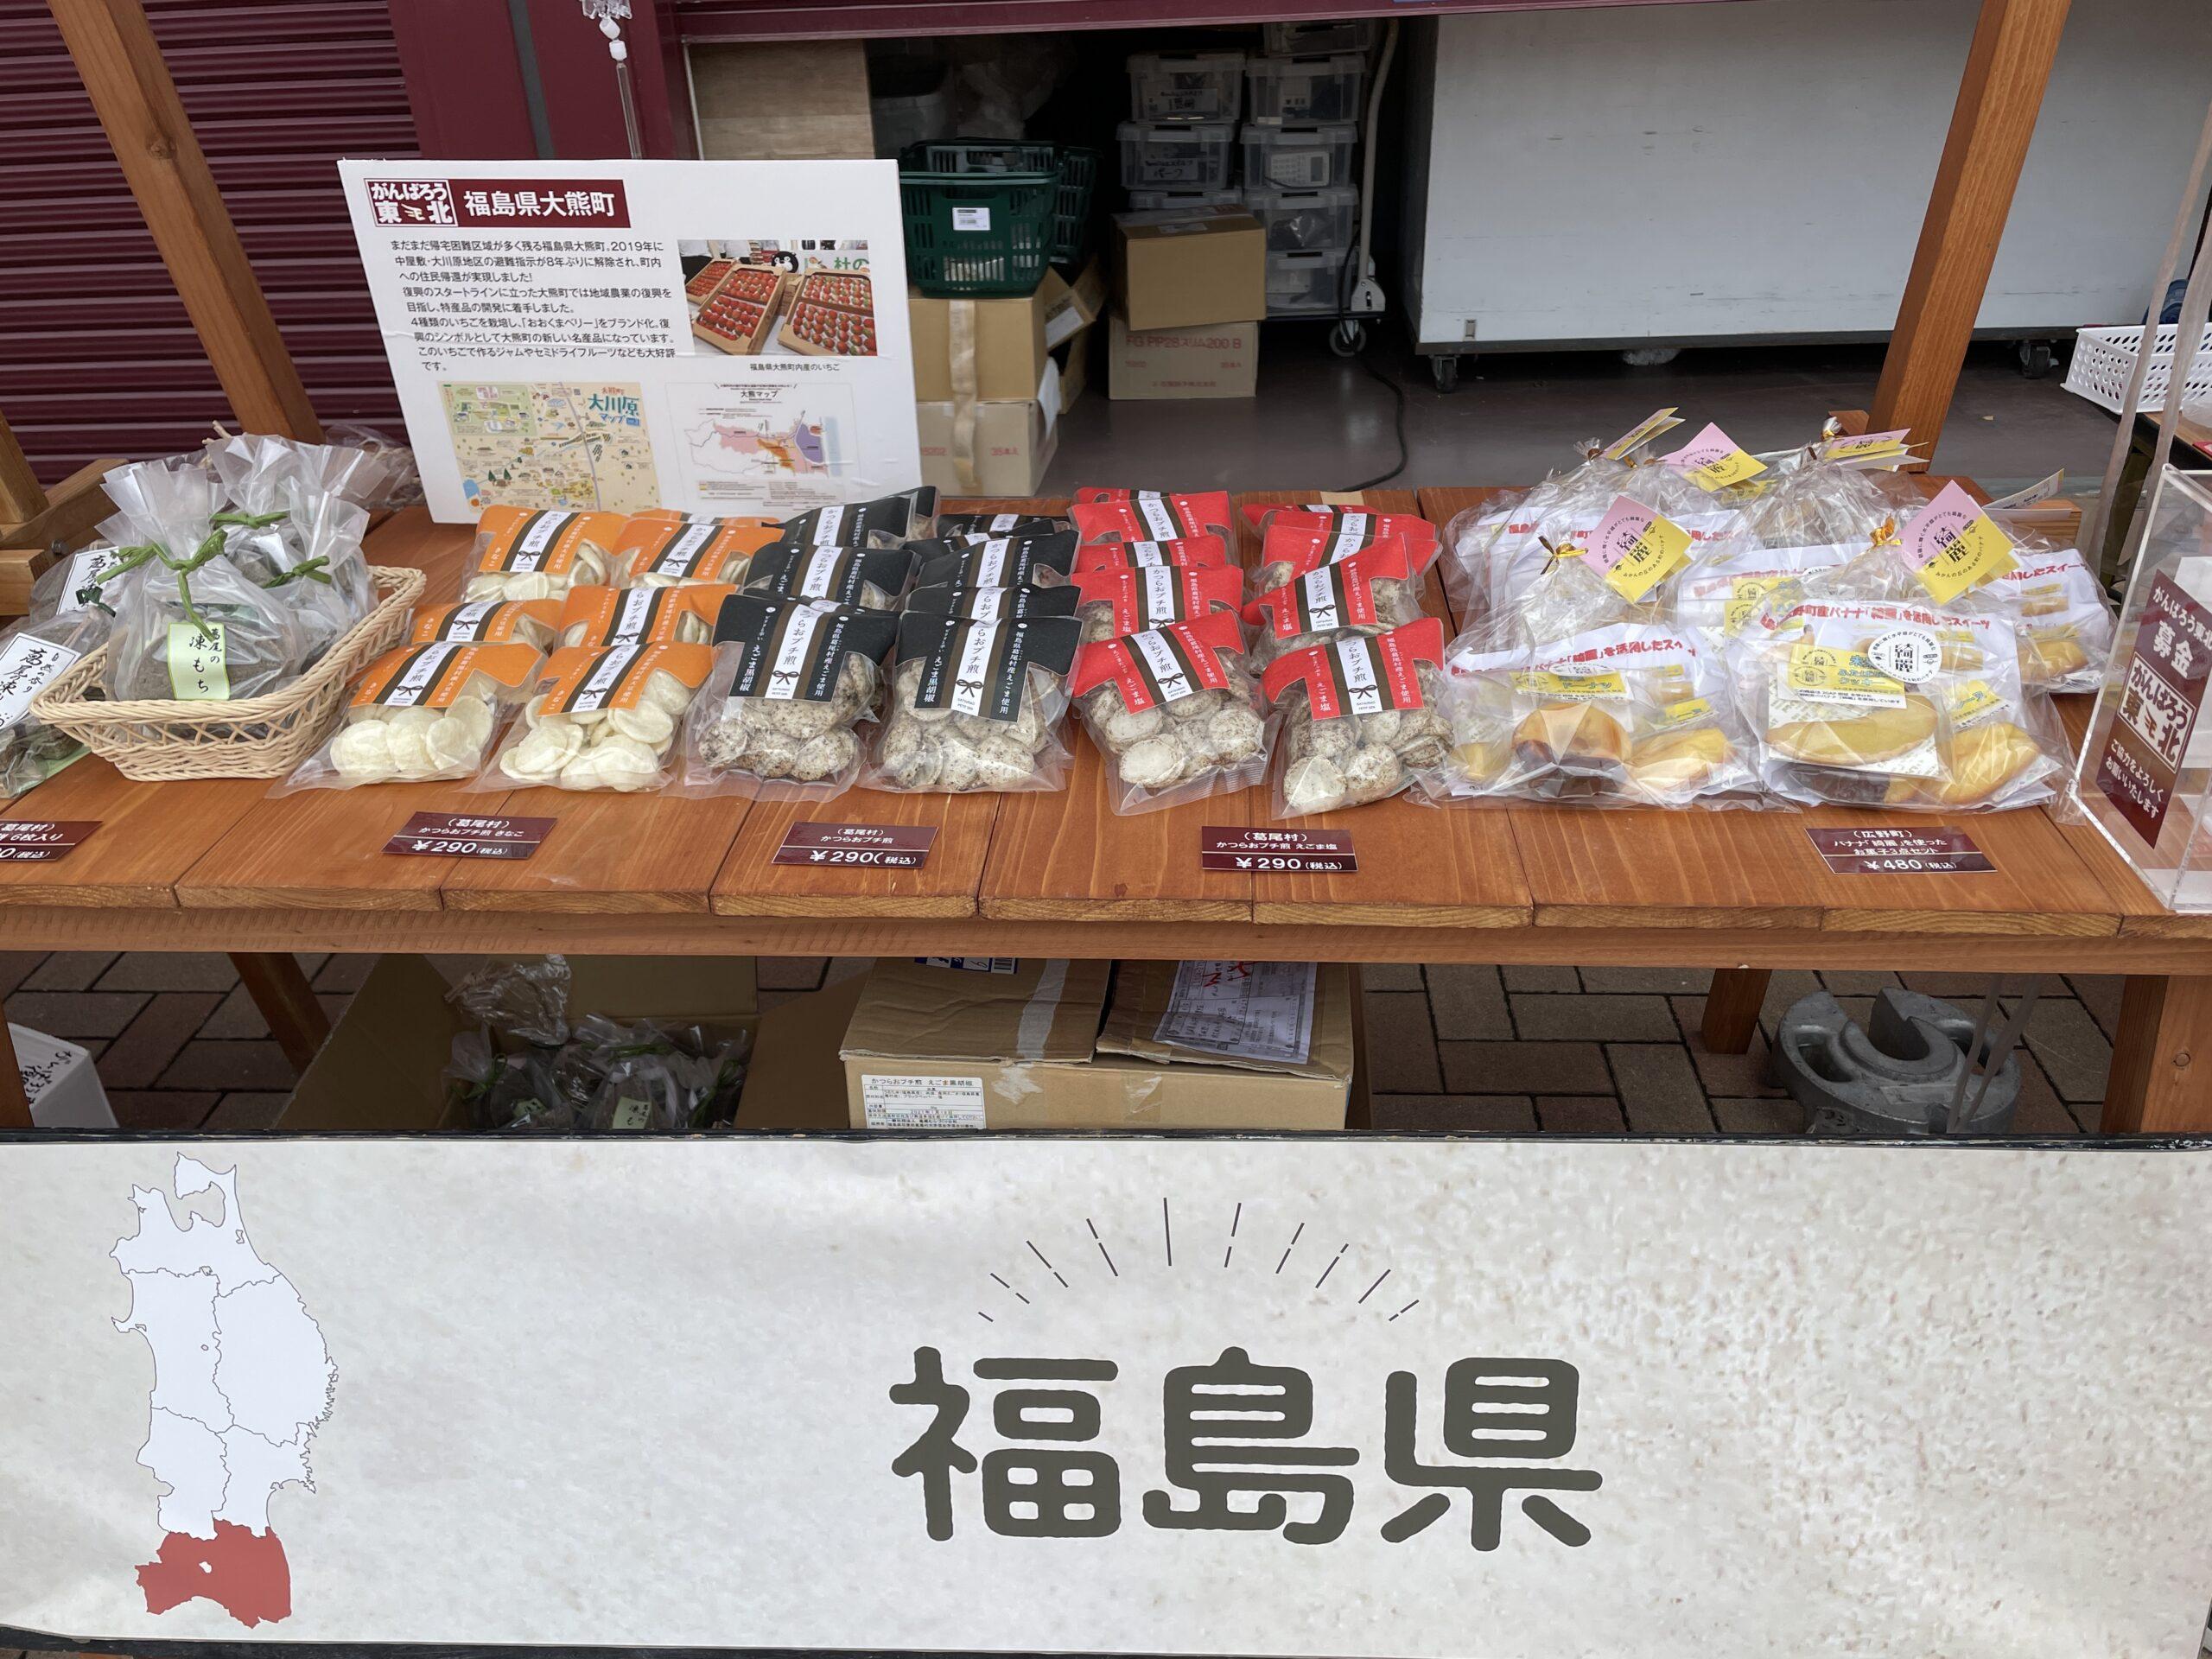 がんばろう東北「復興マルシェ」の福島県のブースに並んだ葛尾村の物産